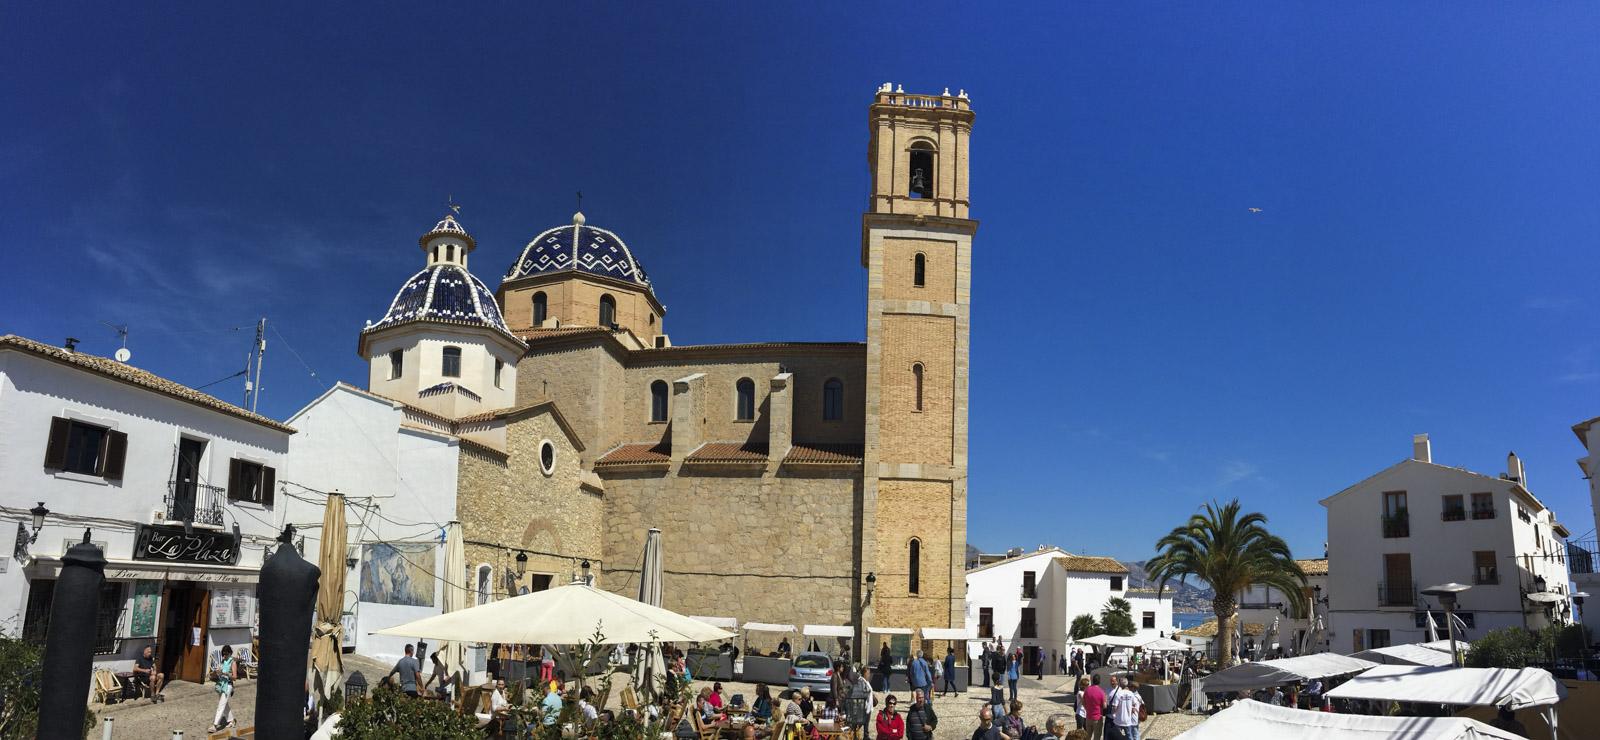 Kirken med sine blå kupler er et lett synlig landemerke i Altea